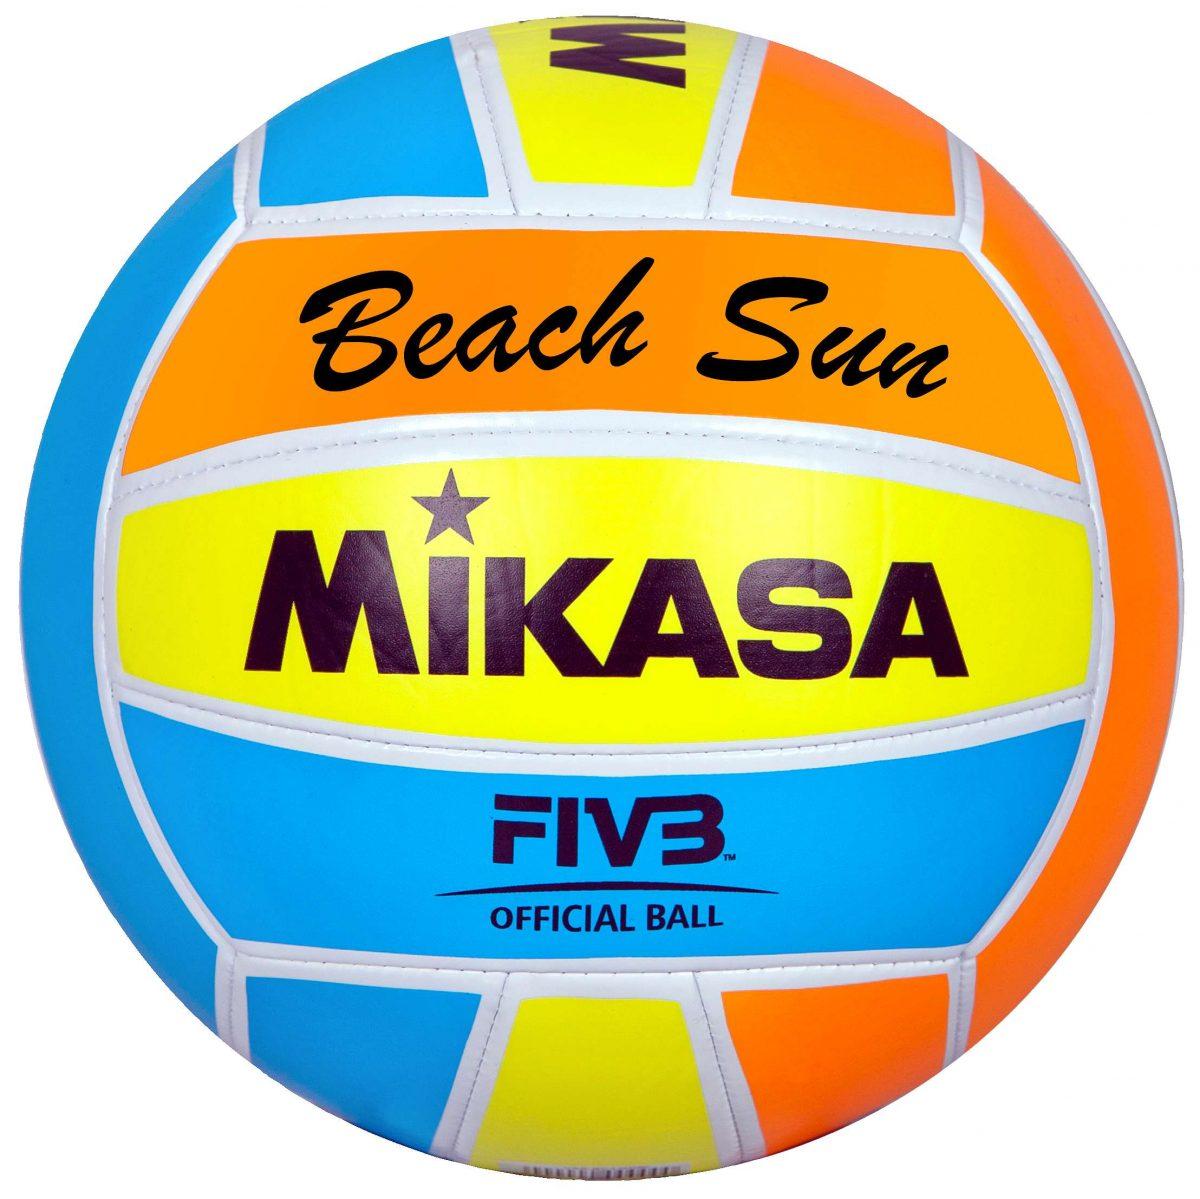 """Mikasa Beachvolleyball """"Beach Sun"""" - Teamsport - Mikasa"""